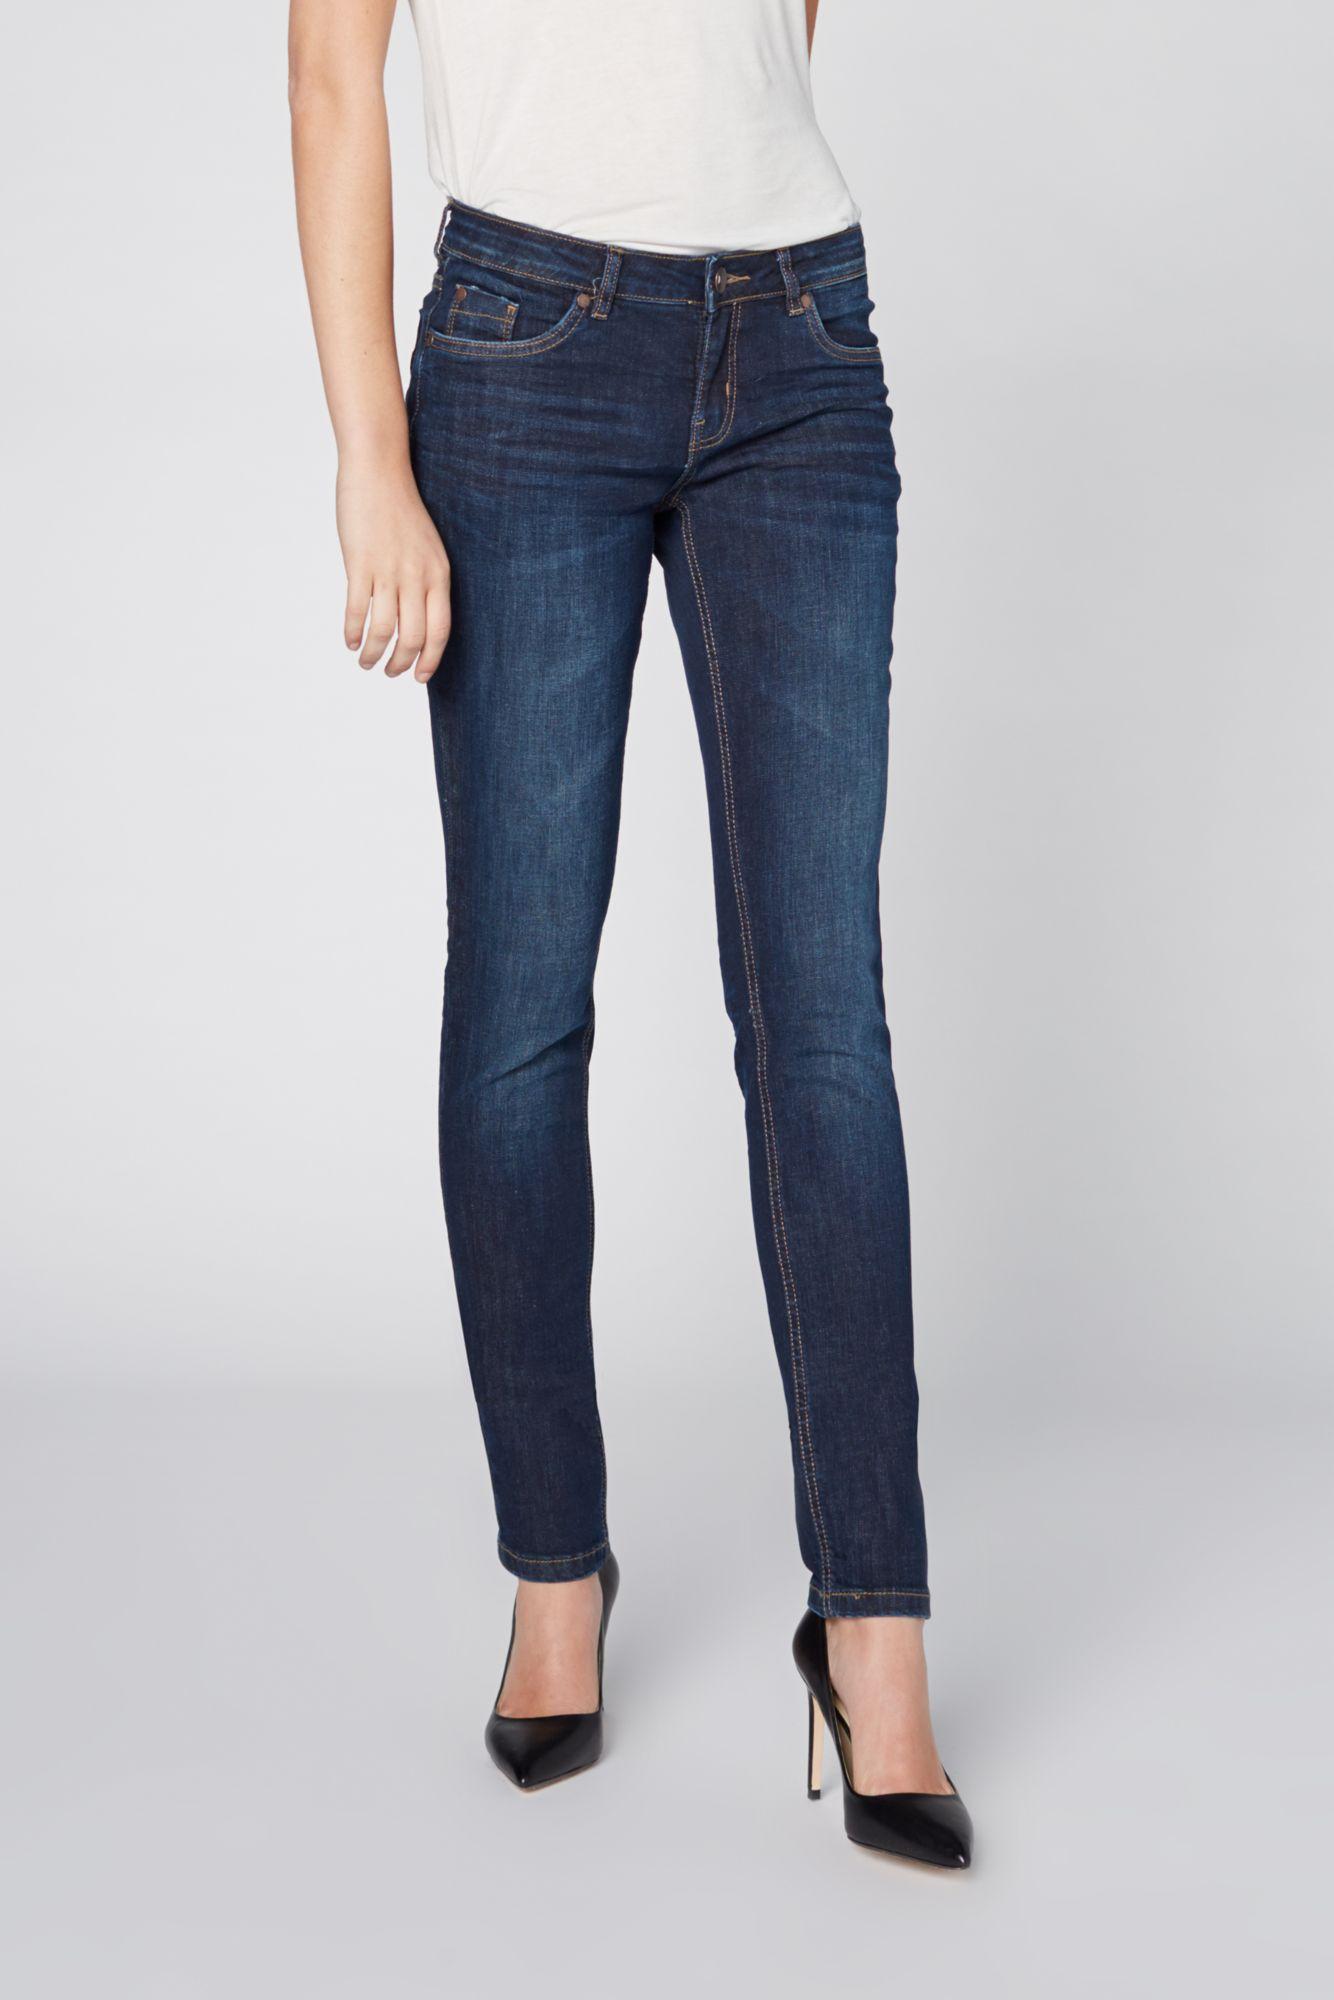 COLORADO DENIM  Jeans »C956 SKINNY Damen Jeans«